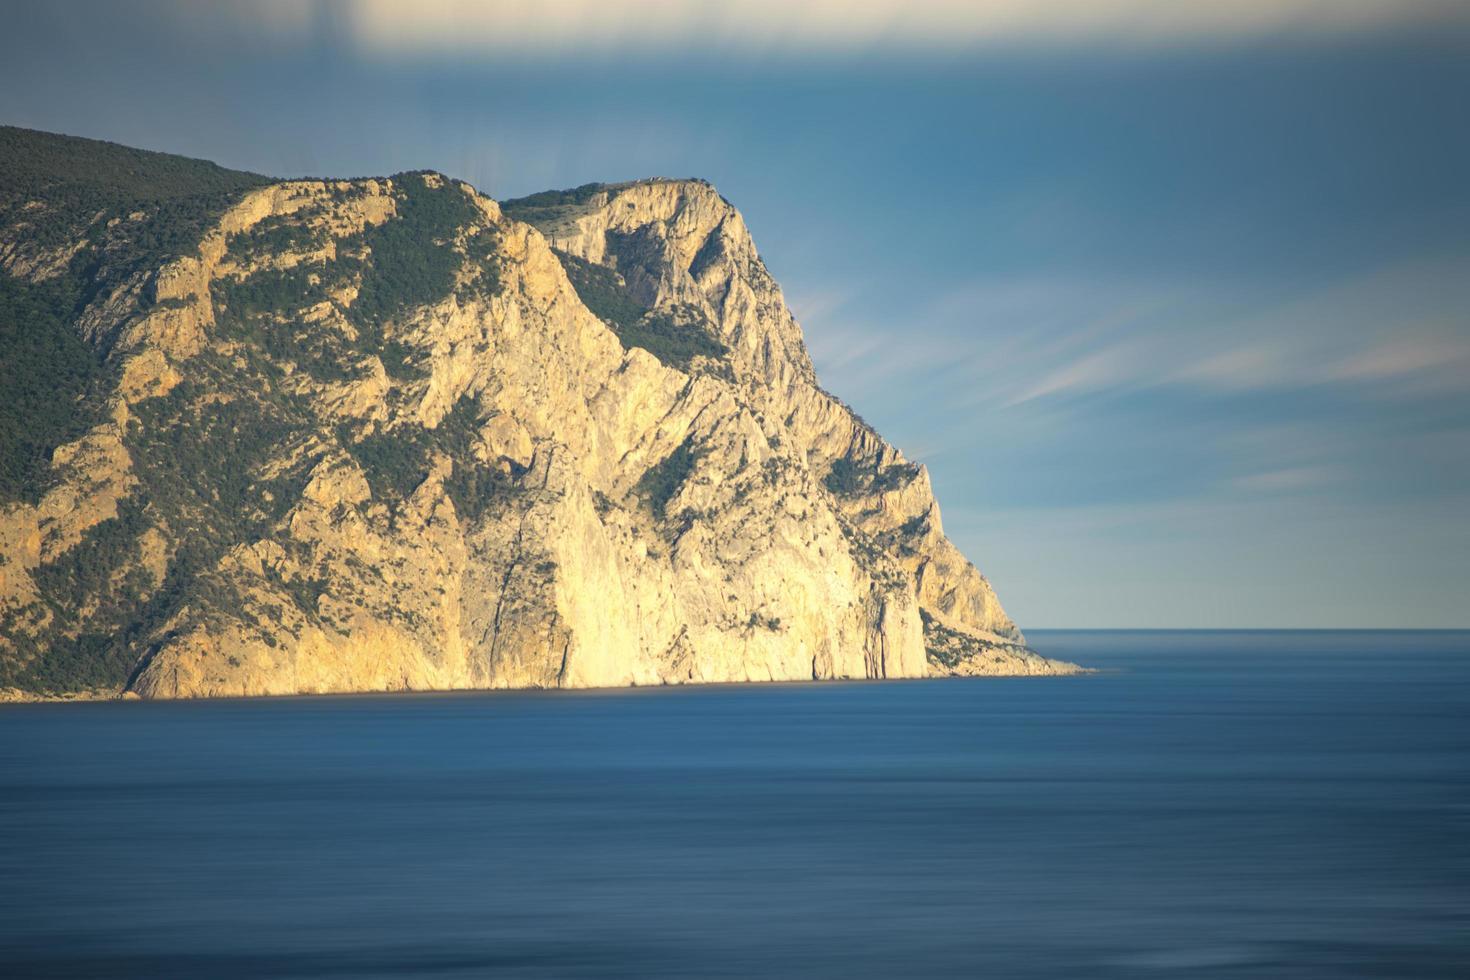 paesaggio naturale con mare e rocce. foto